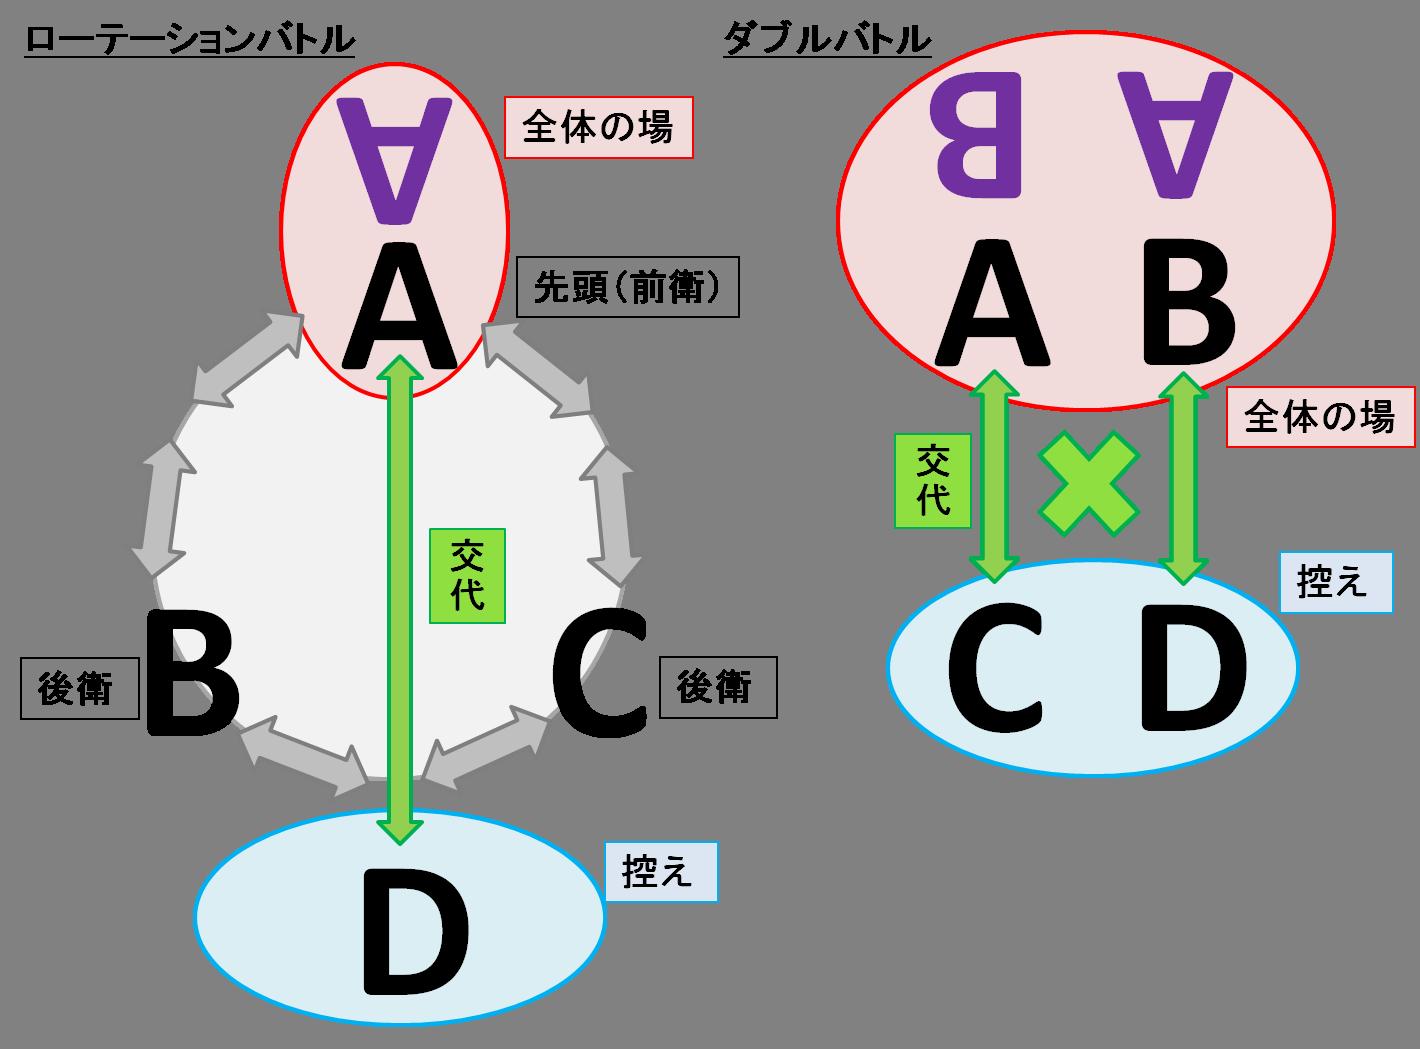 ローテダブル概略図